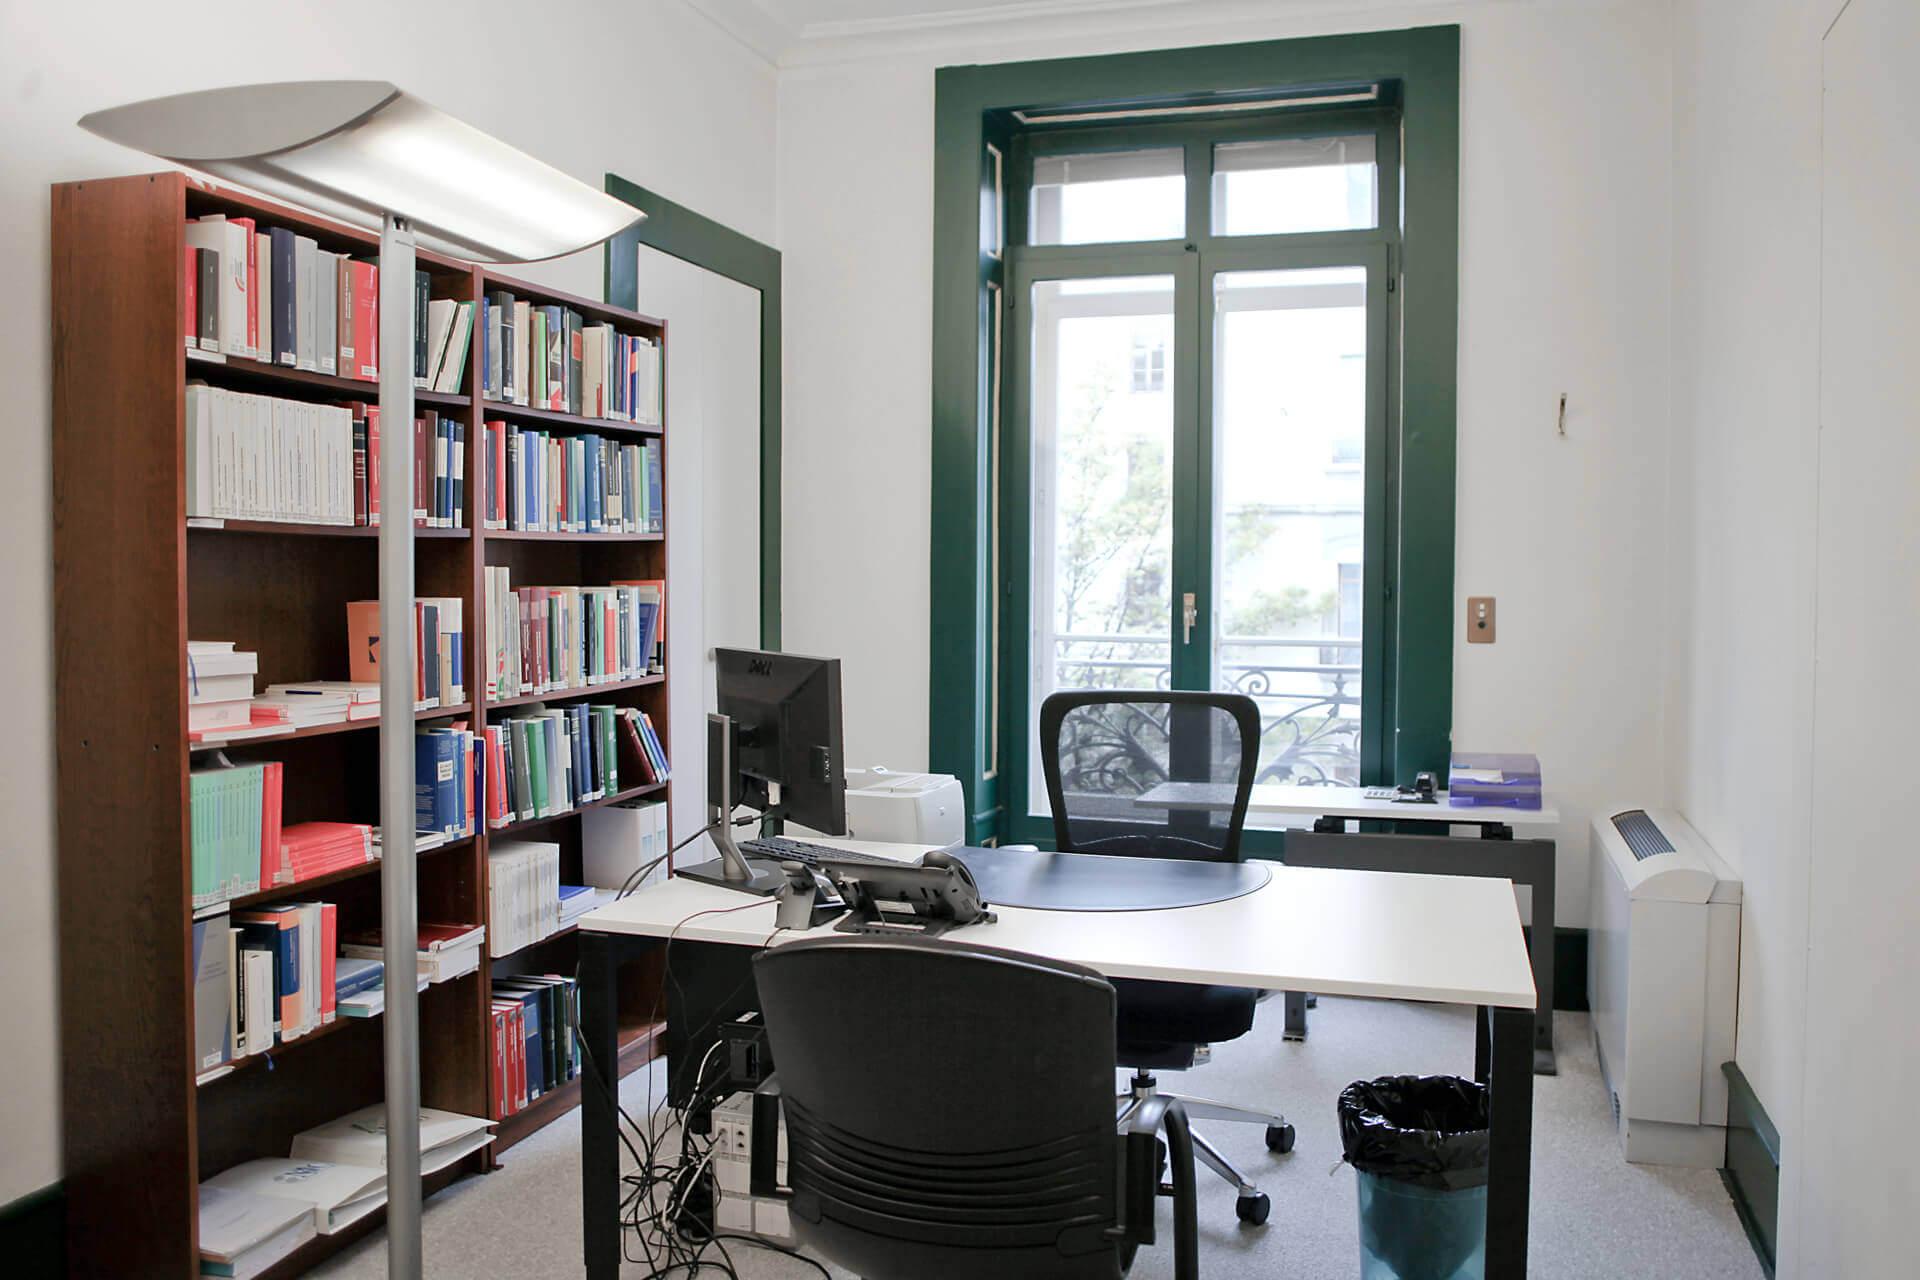 Bureau n°2 place de travail individuelle